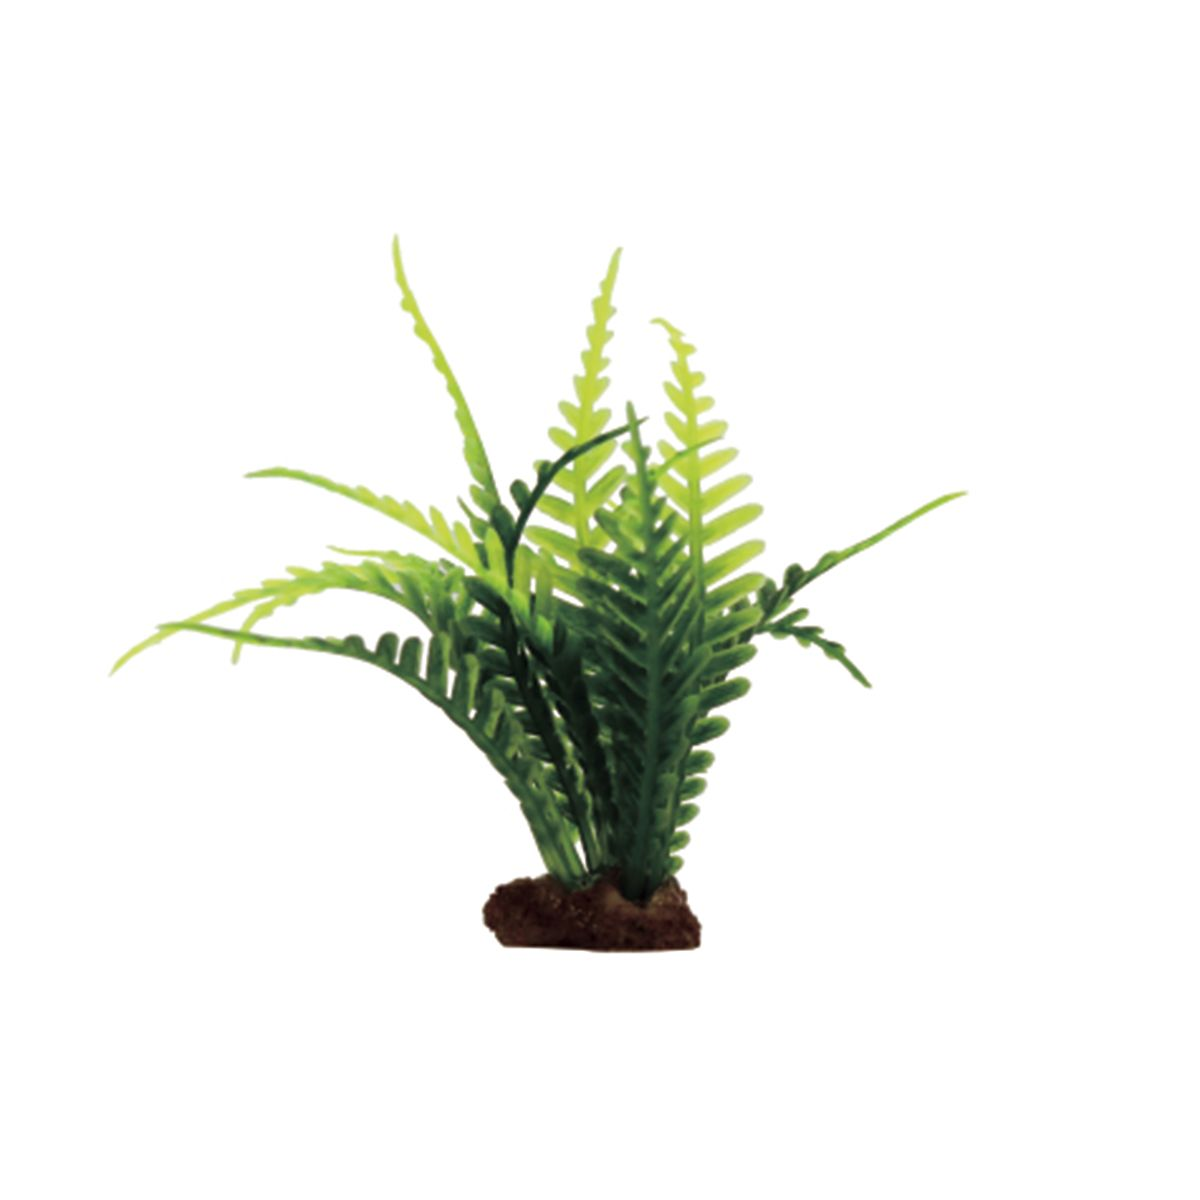 Растение для аквариума ArtUniq Папоротник, высота 10 см, 6 шт0120710Композиция из искусственных растений ArtUniq превосходно украсит и оживит аквариум.Растения - это важная часть любой композиции, они помогут вдохнуть жизнь в ландшафт любого аквариума или террариума. Лучше всего это сделают яркие и сочные цвета искусственных растений серии ArtPlants. А их сходствос природными порадует даже самых взыскательных ценителей.